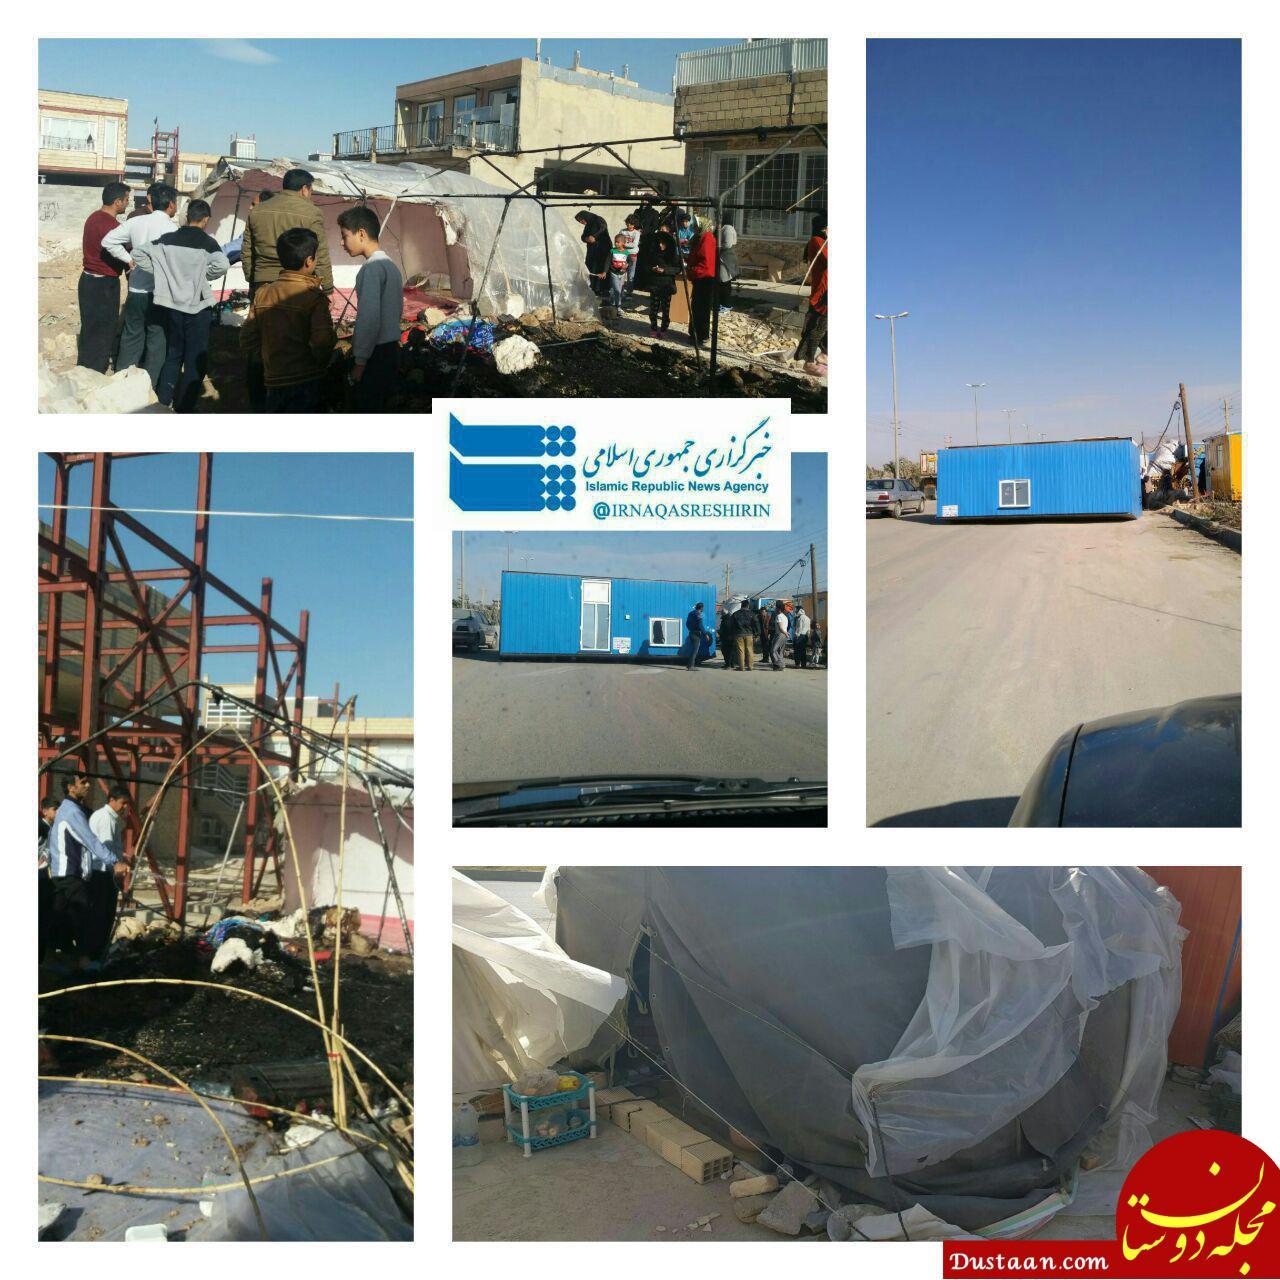 www.dustaan.com واژگونی تعدادی از کانکس زلزله زدگان در پی وقوع تندباد +عکس